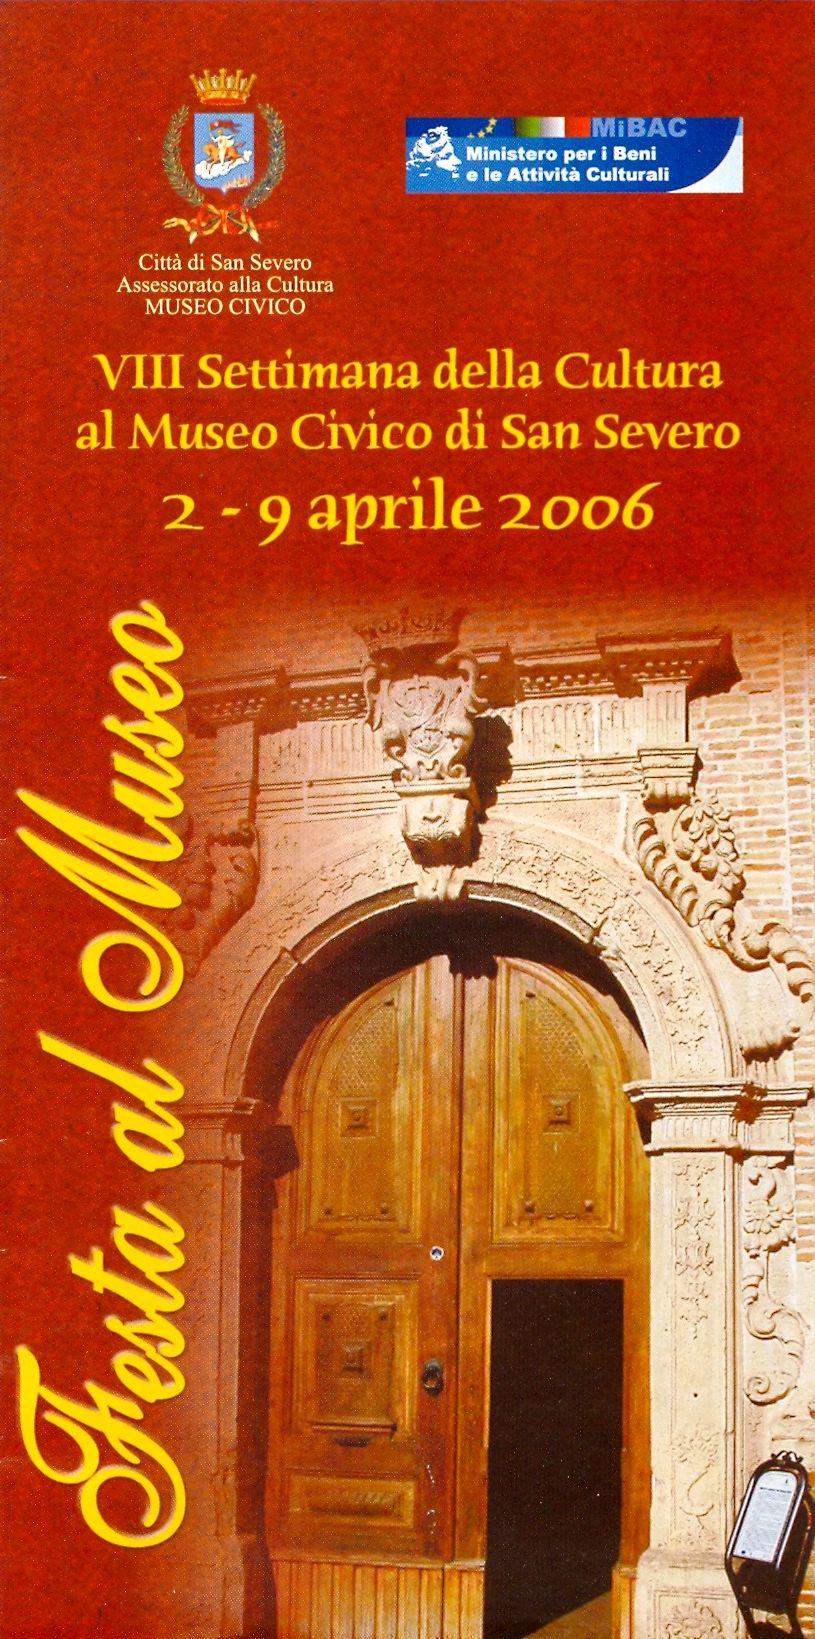 """""""Festa al Museo"""" - VII Settimana della Cultura al Museo Civico di San Severo (2 - 9 aprile 2006)"""